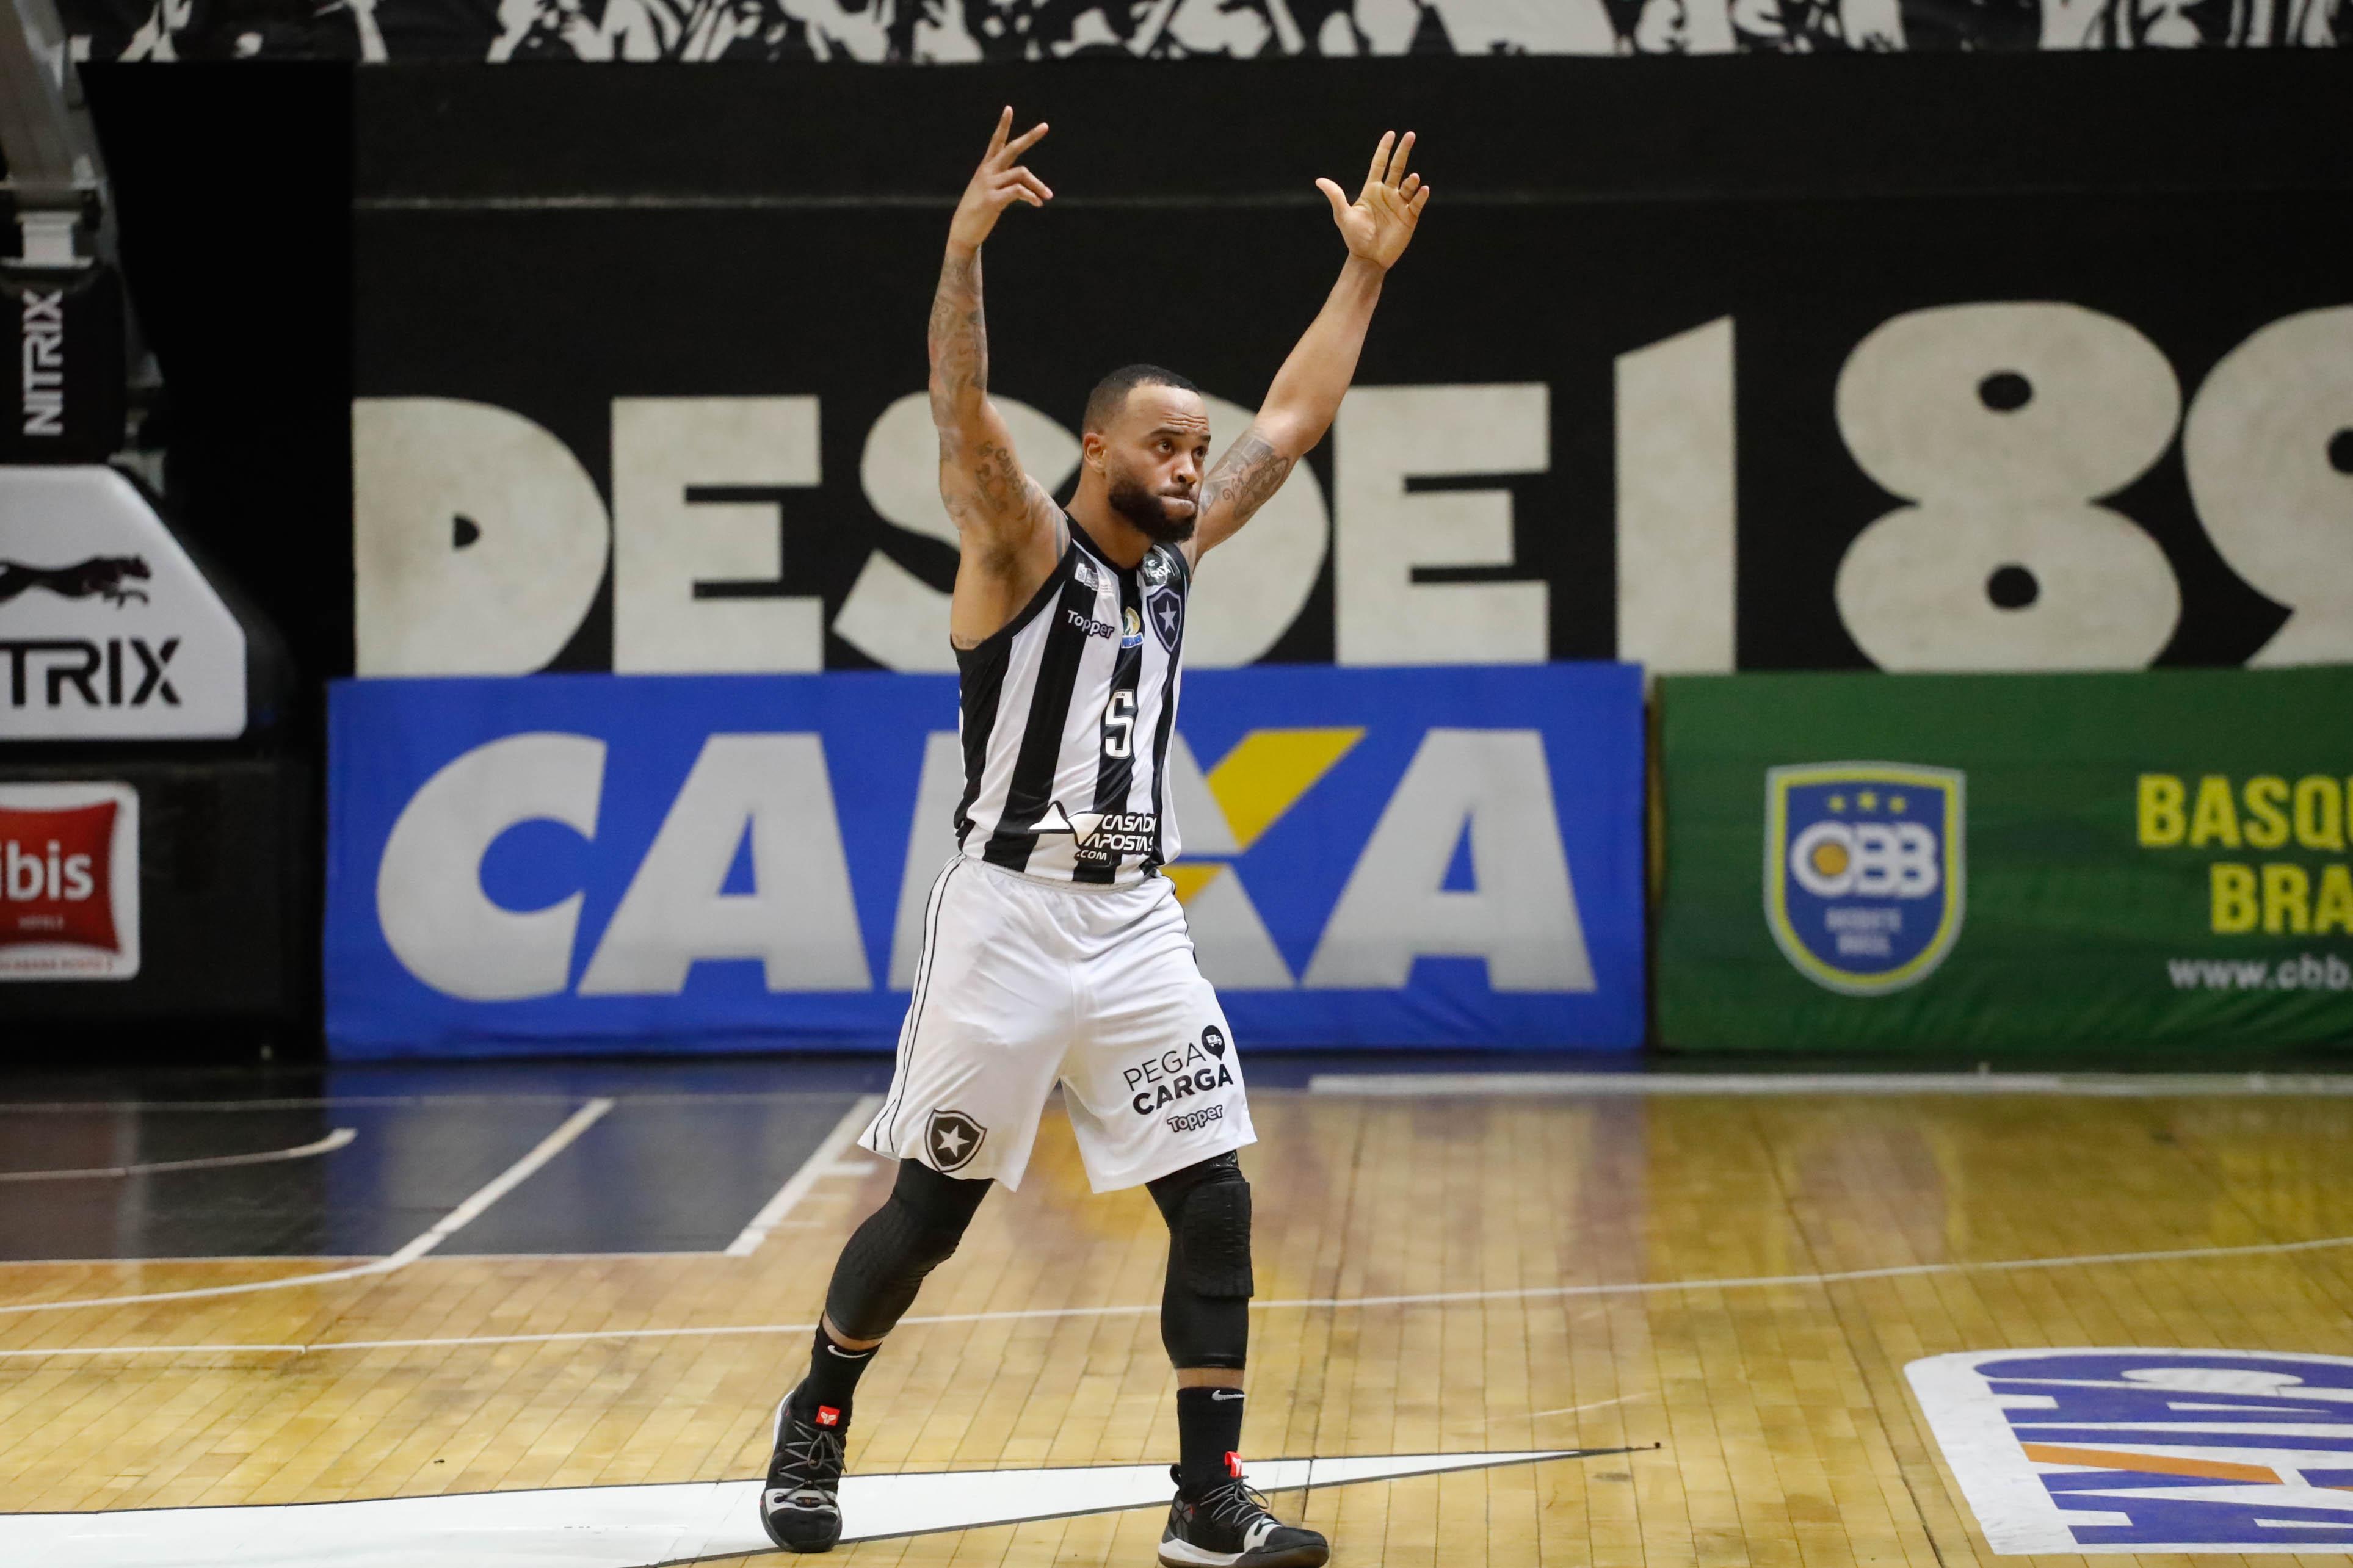 O norte-americano Jamaal Smith foi um dos grandes nomes do Botafogo na temporada passada/ Foto: Gilvan de Souza/LNB